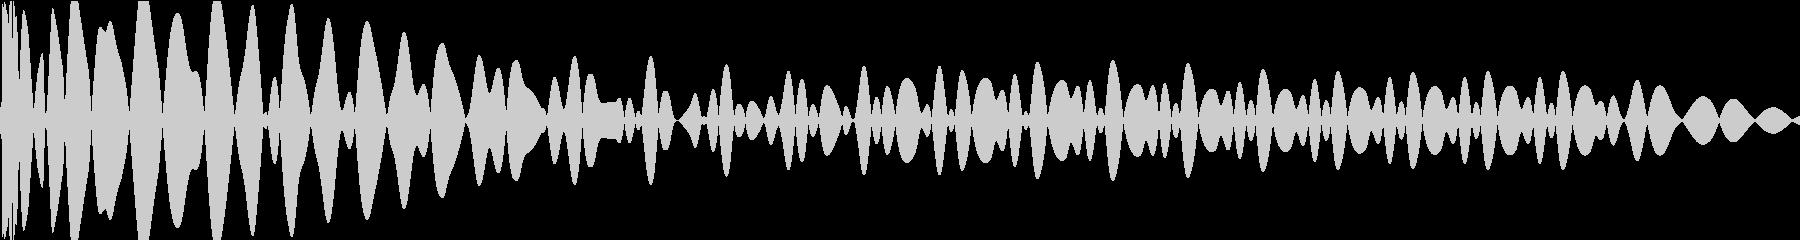 EDMキック キーGの未再生の波形